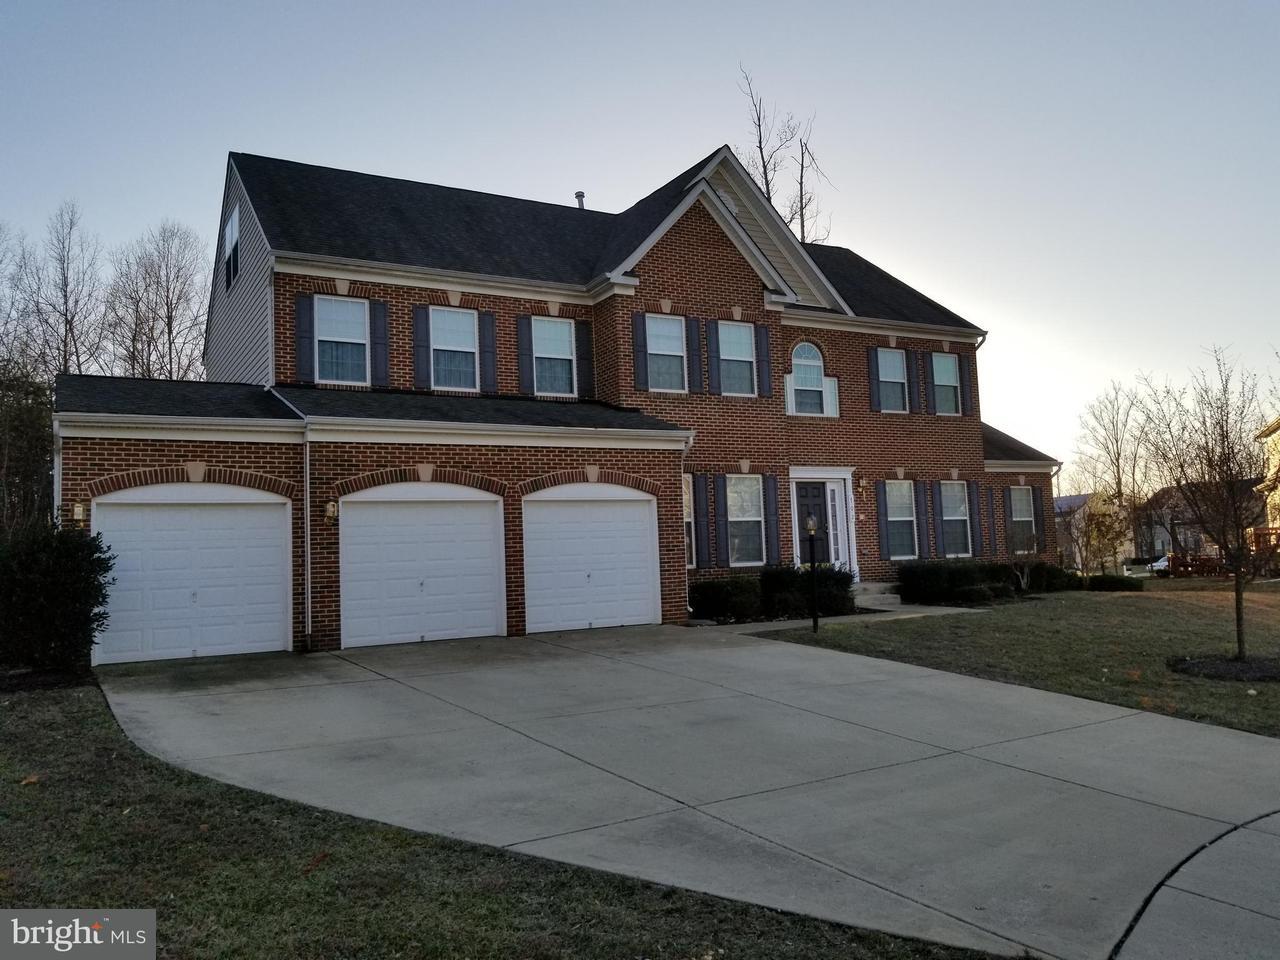 Частный односемейный дом для того Продажа на 702 Manokeek Court 702 Manokeek Court Accokeek, Мэриленд 20607 Соединенные Штаты